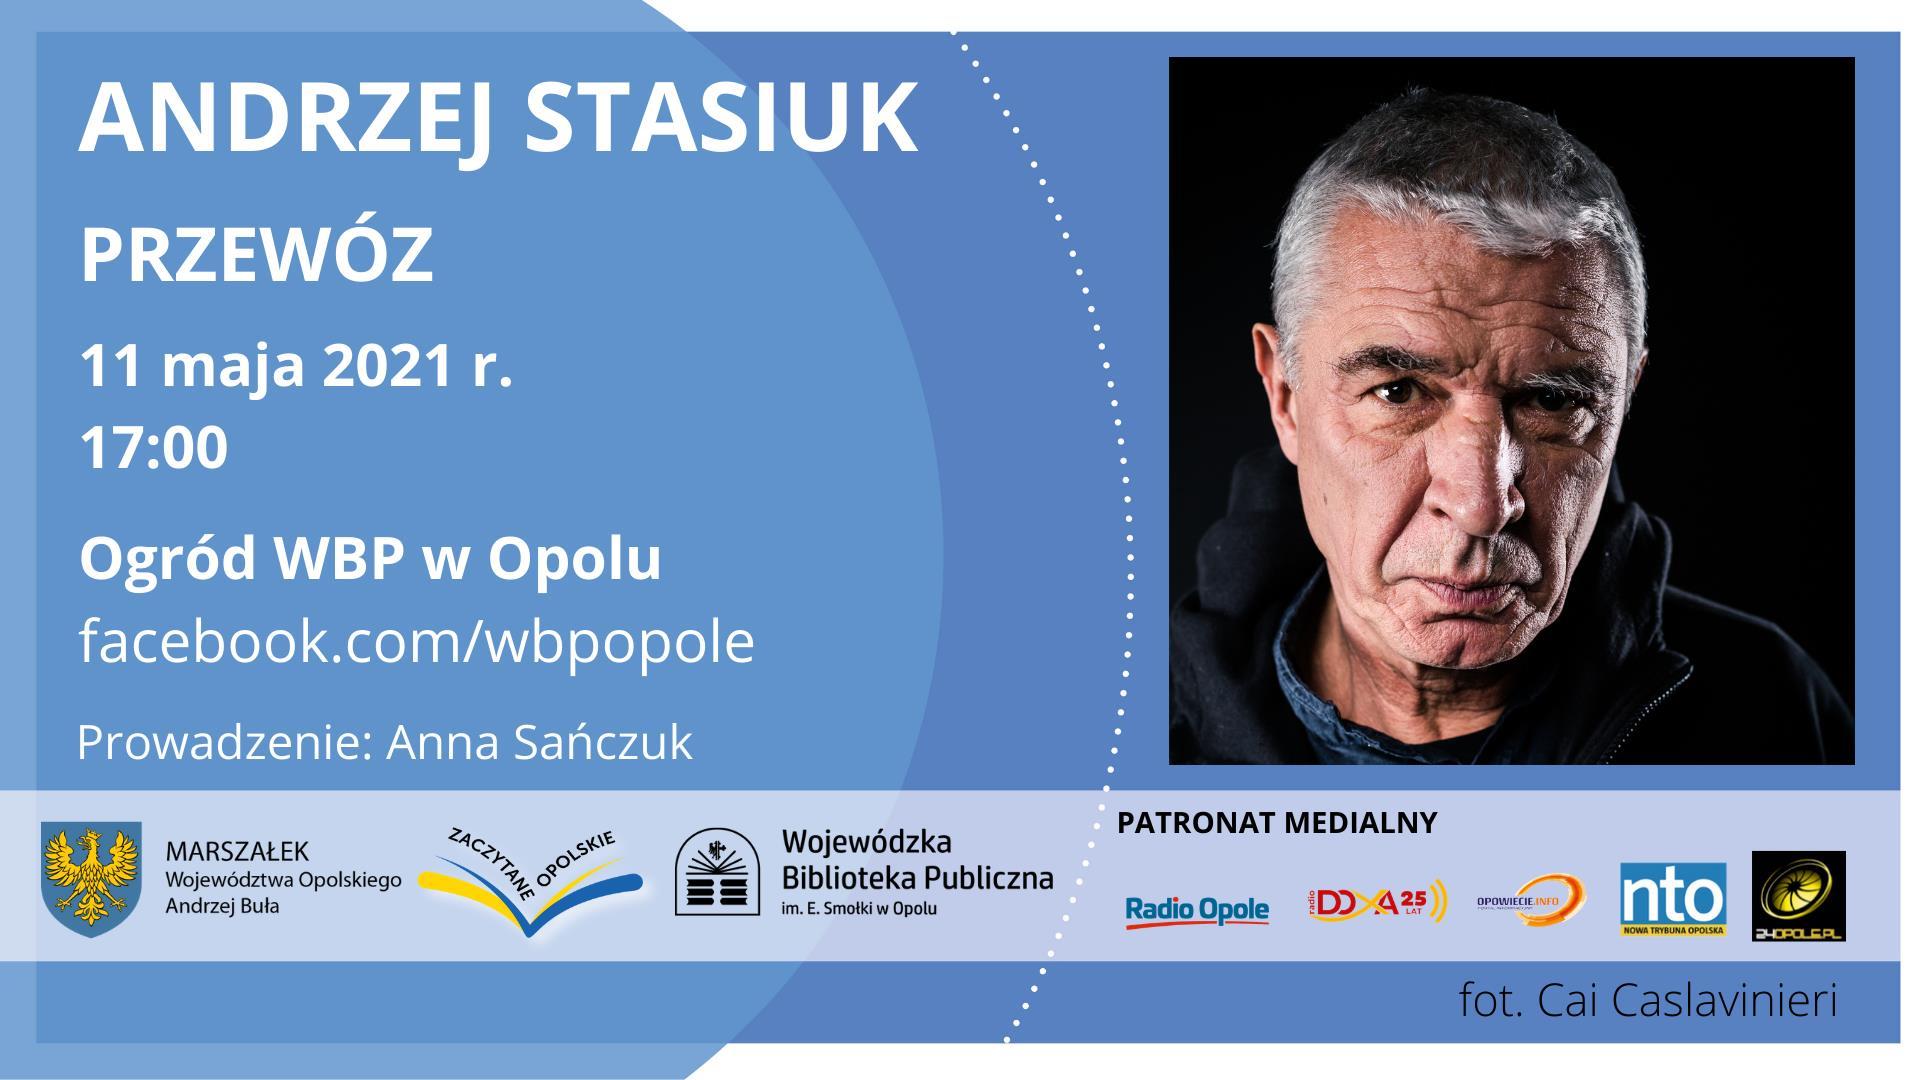 Plakat reklamujący spotkanie z Andrzejem Stasiukiem organizowane przez WBP w Opolu i Wydawnictwo Czarne